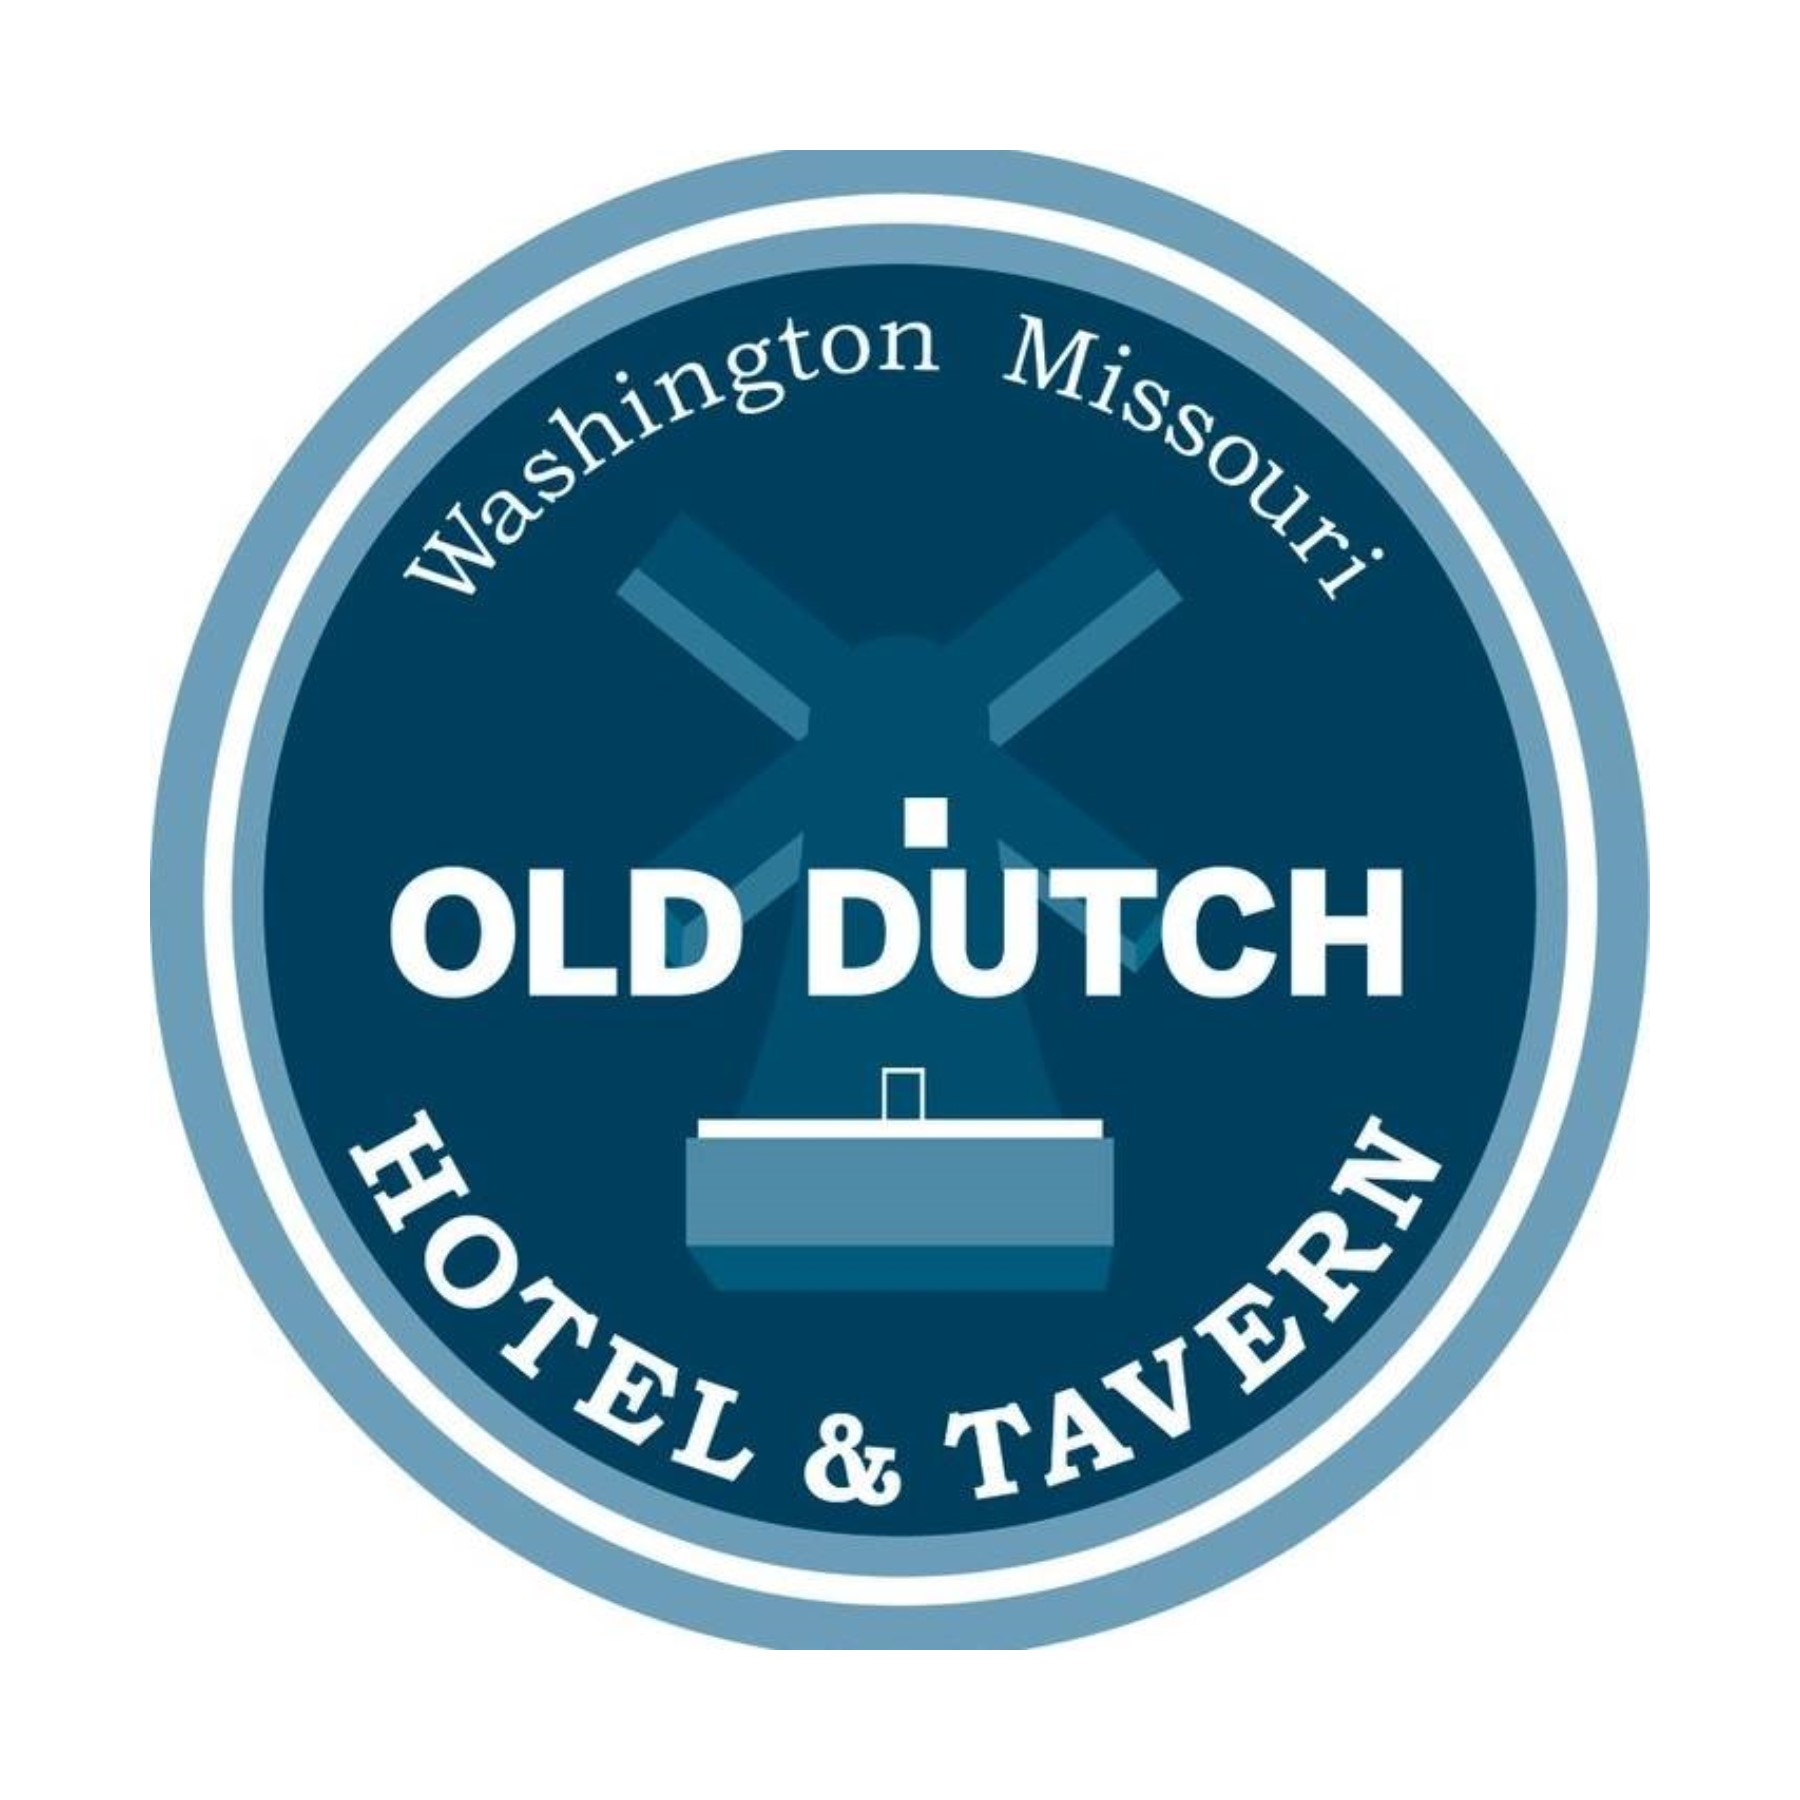 Old Dutch Hotel & Tavern.jpg